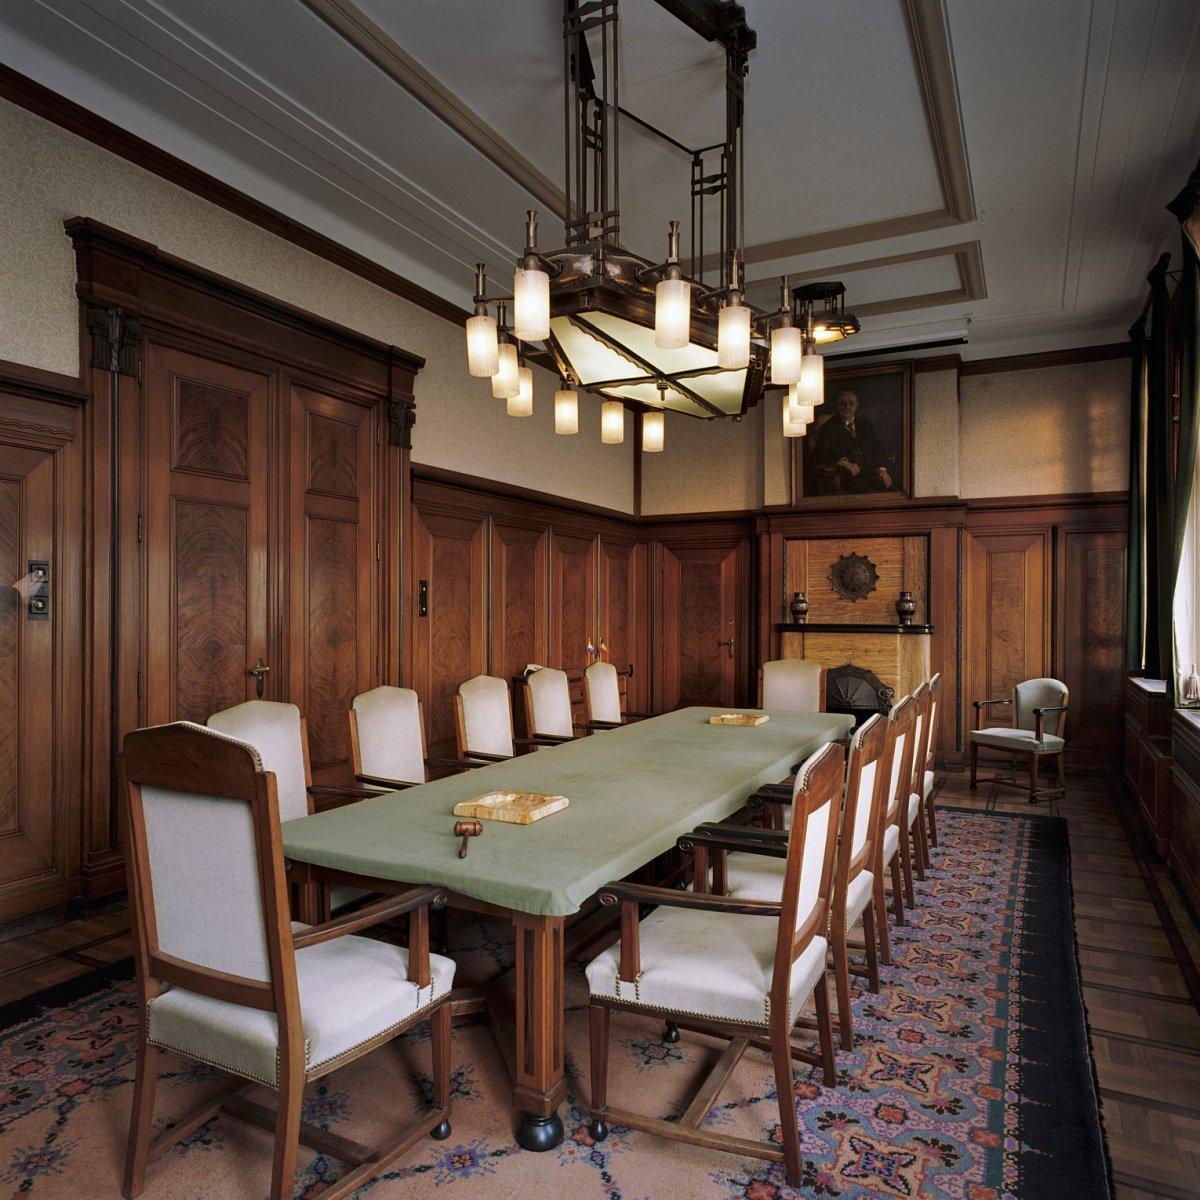 File:Interieur kantoor, eerste verdieping, overzicht kamer aan ...